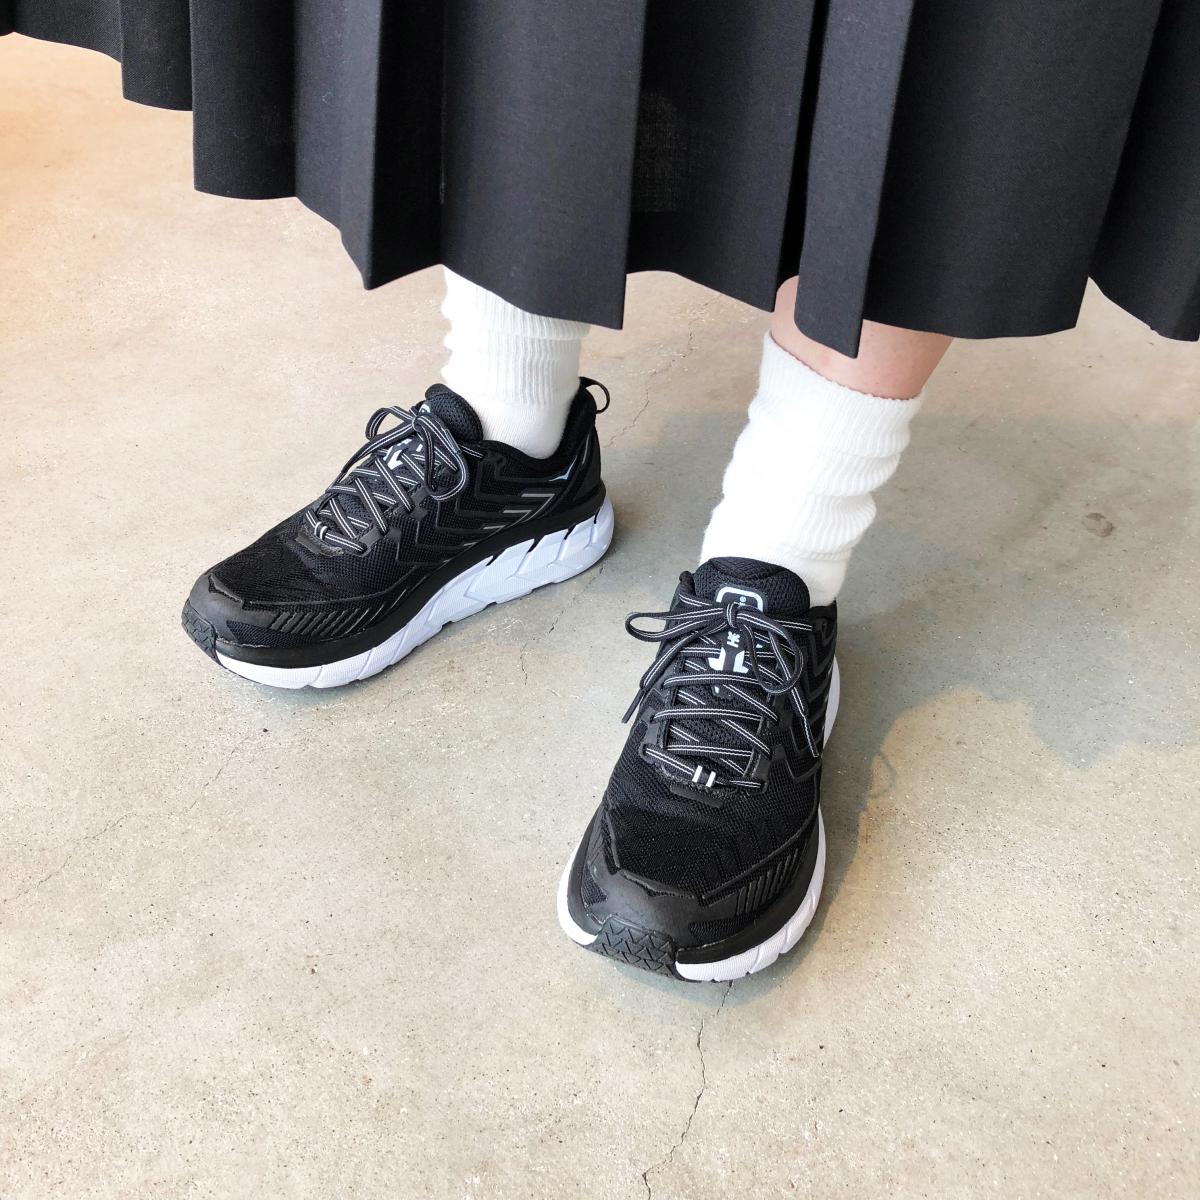 友人の足もとを借りましたが、ブラック×ホワイトやオールホワイトのモデルは普段使いにも